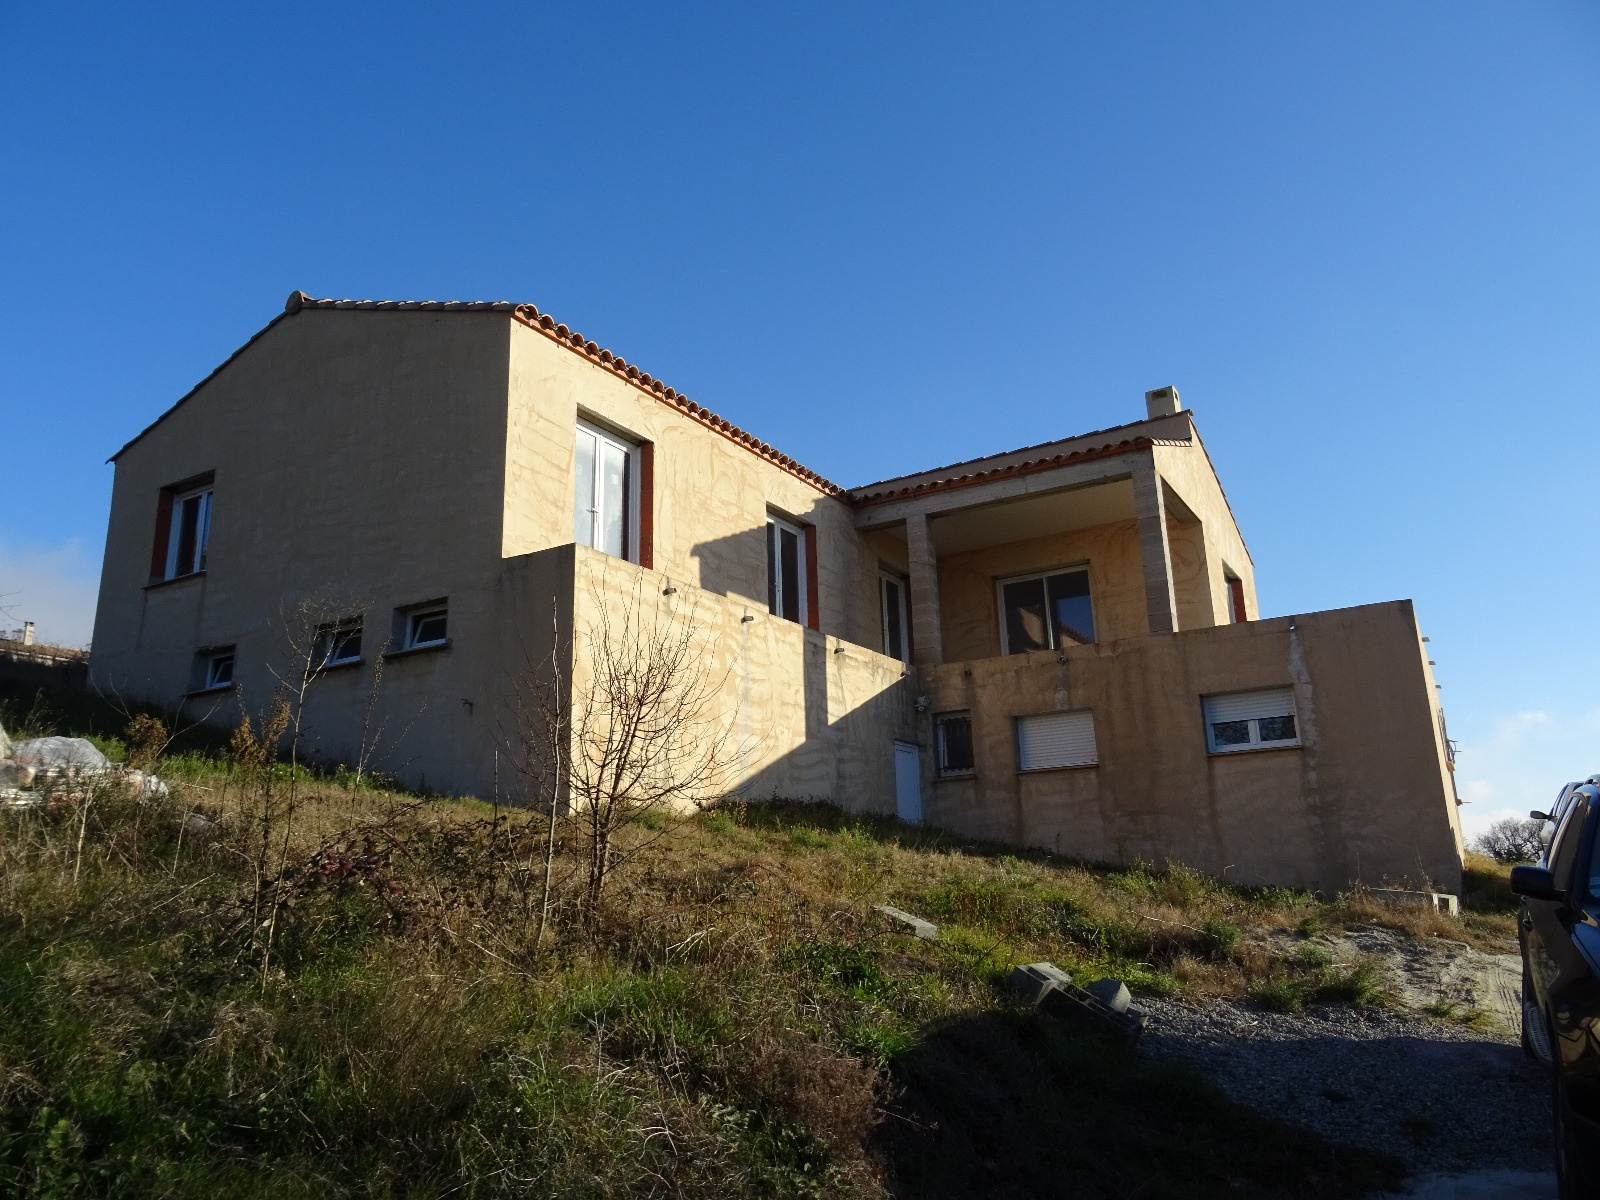 Maison ossature bois hors d eau hors d air for Prix construction maison hors d eau hors d air